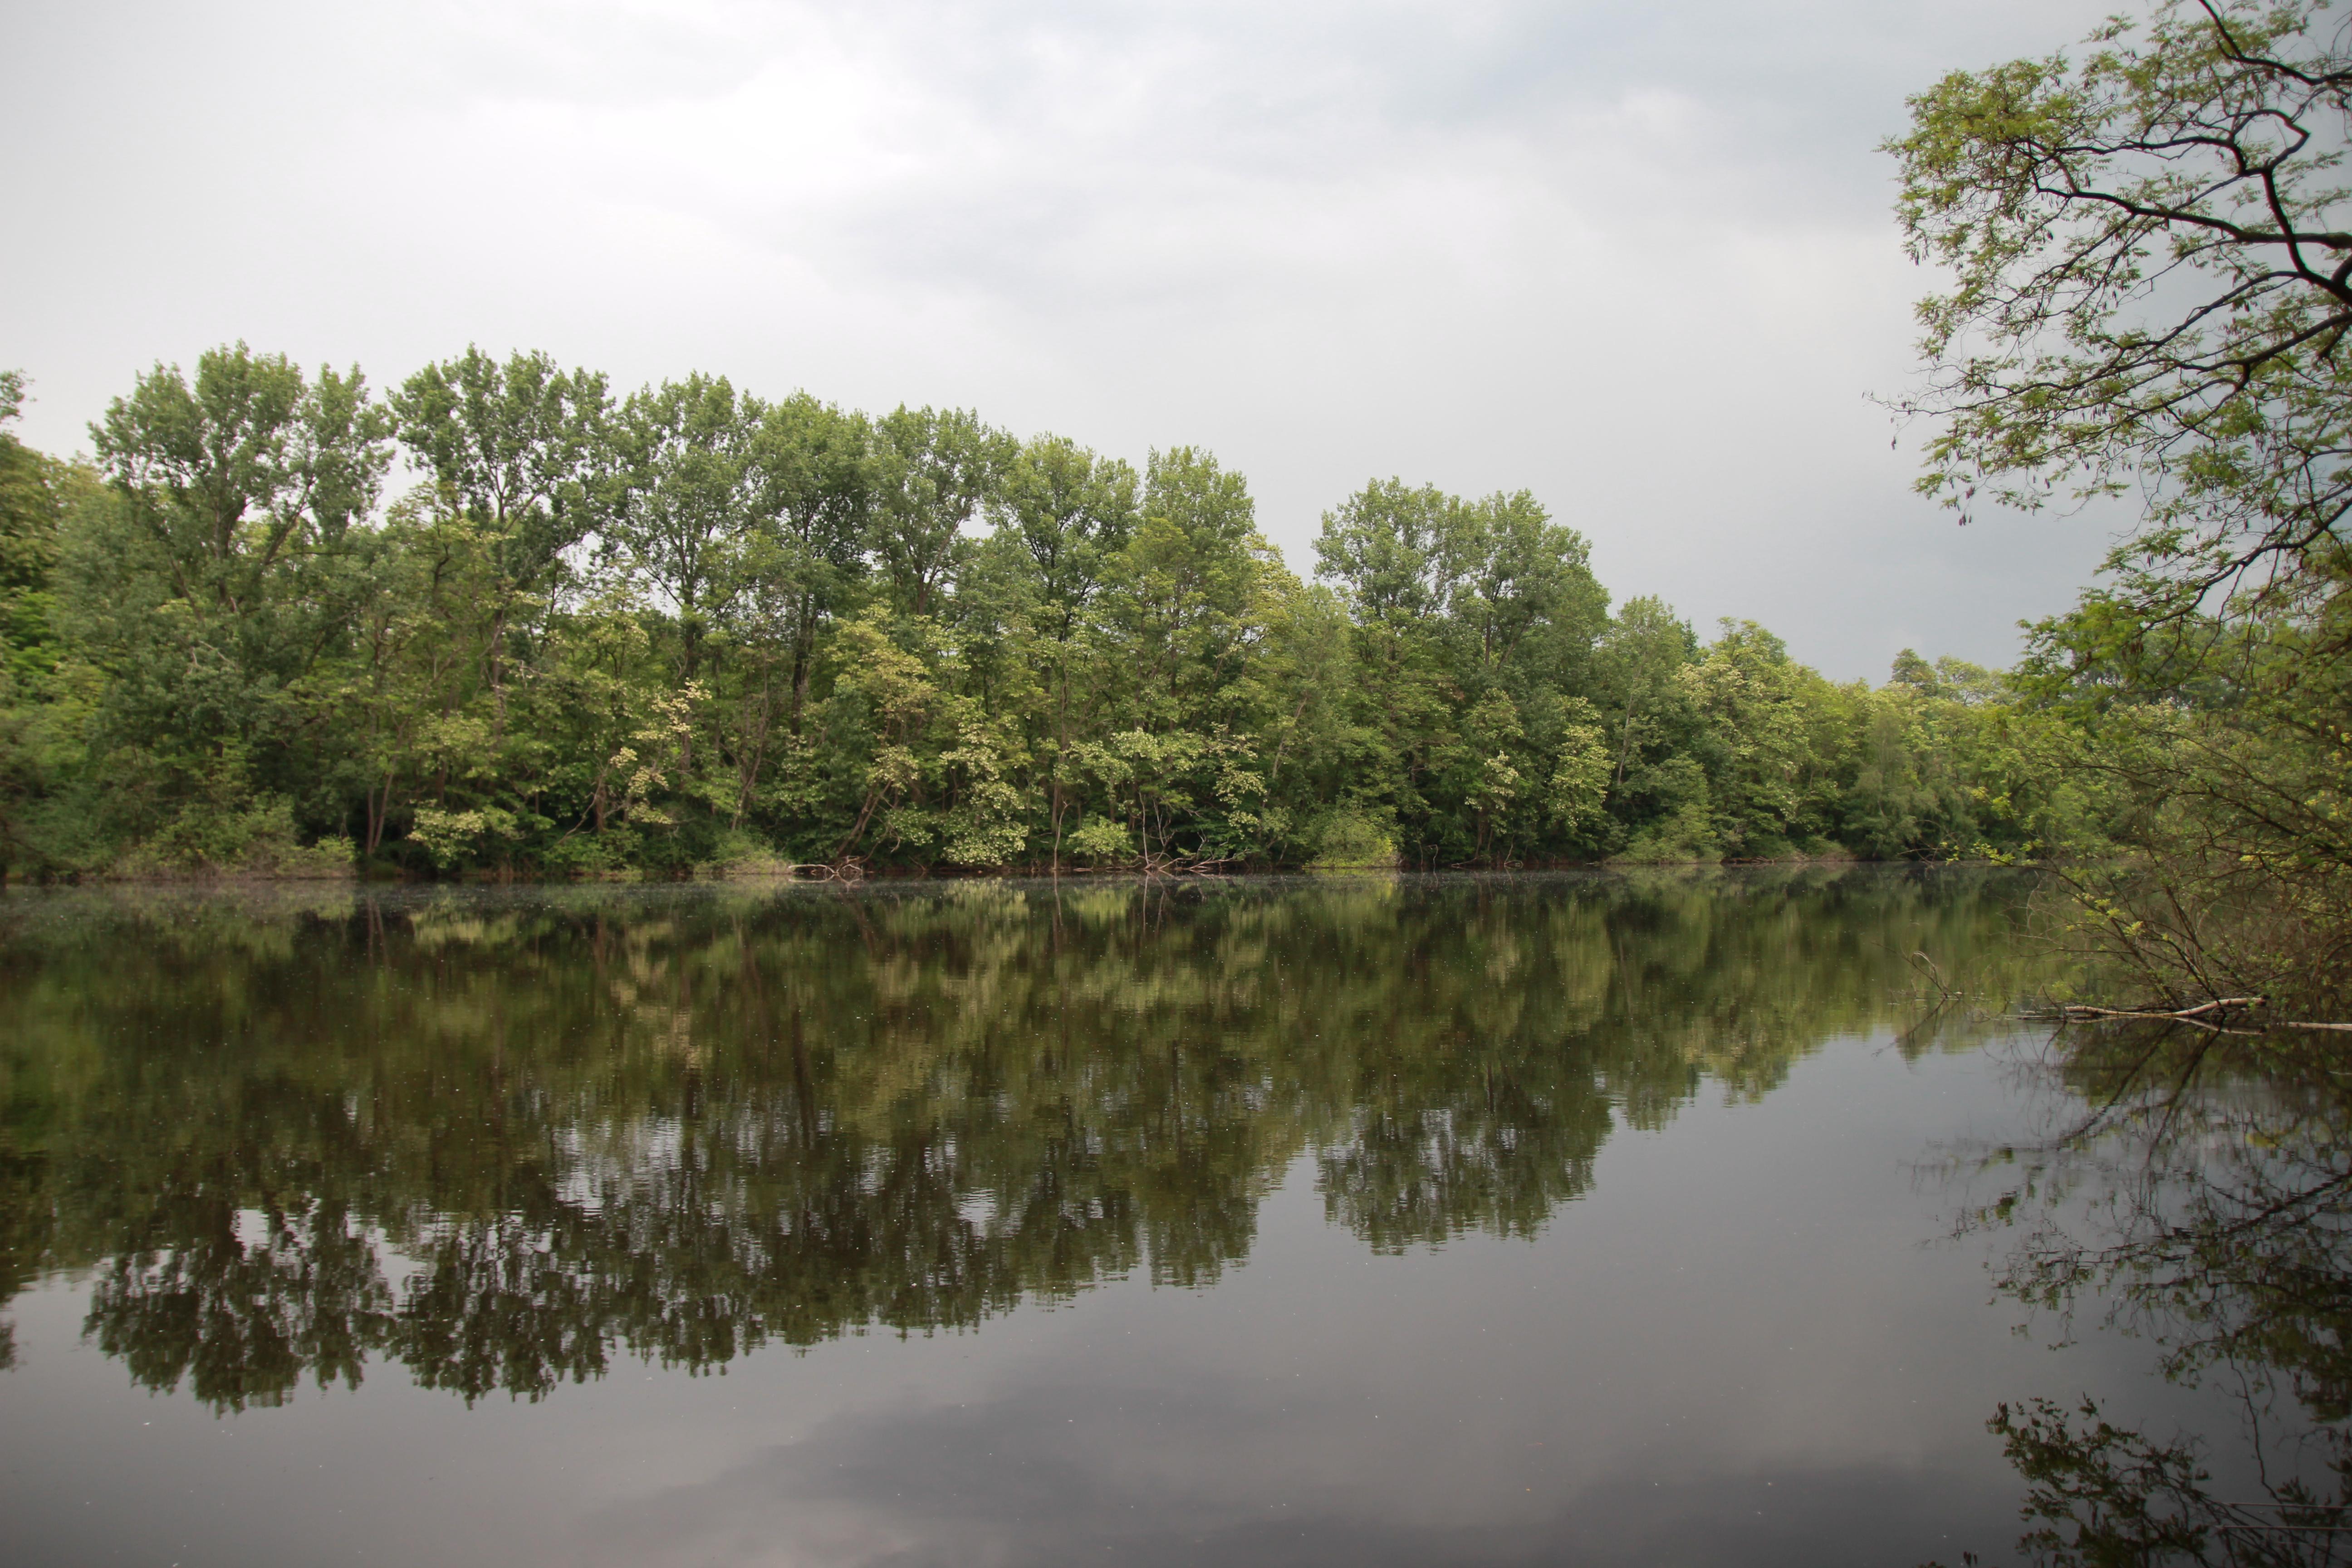 Hauptteil des Sees war komplett leblos, alle Karpfen versammelten sich in einer Bucht